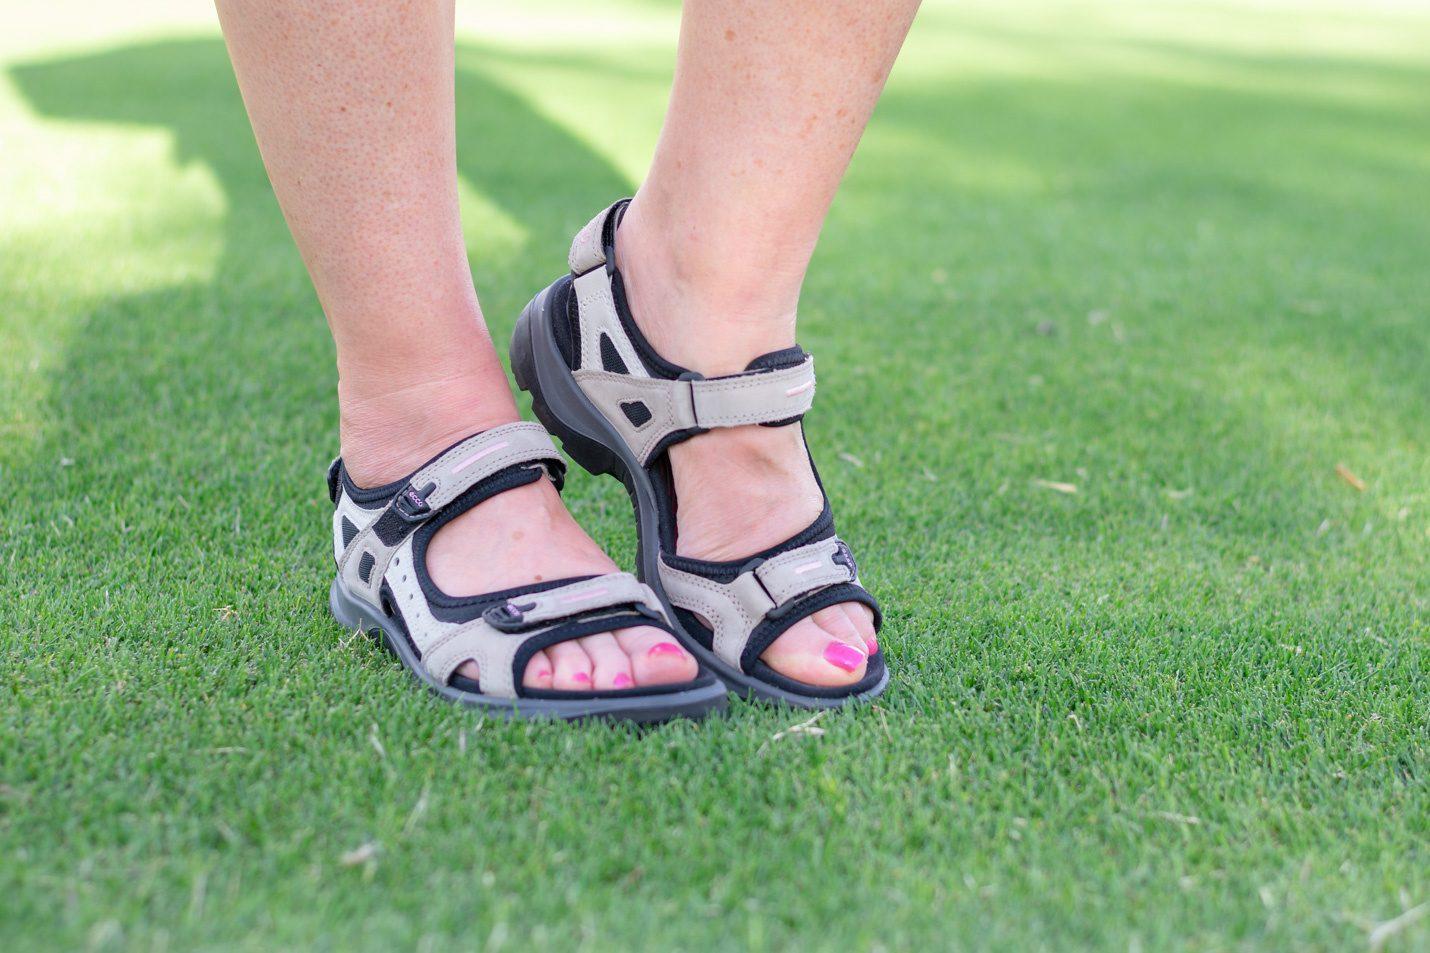 After golf sandals